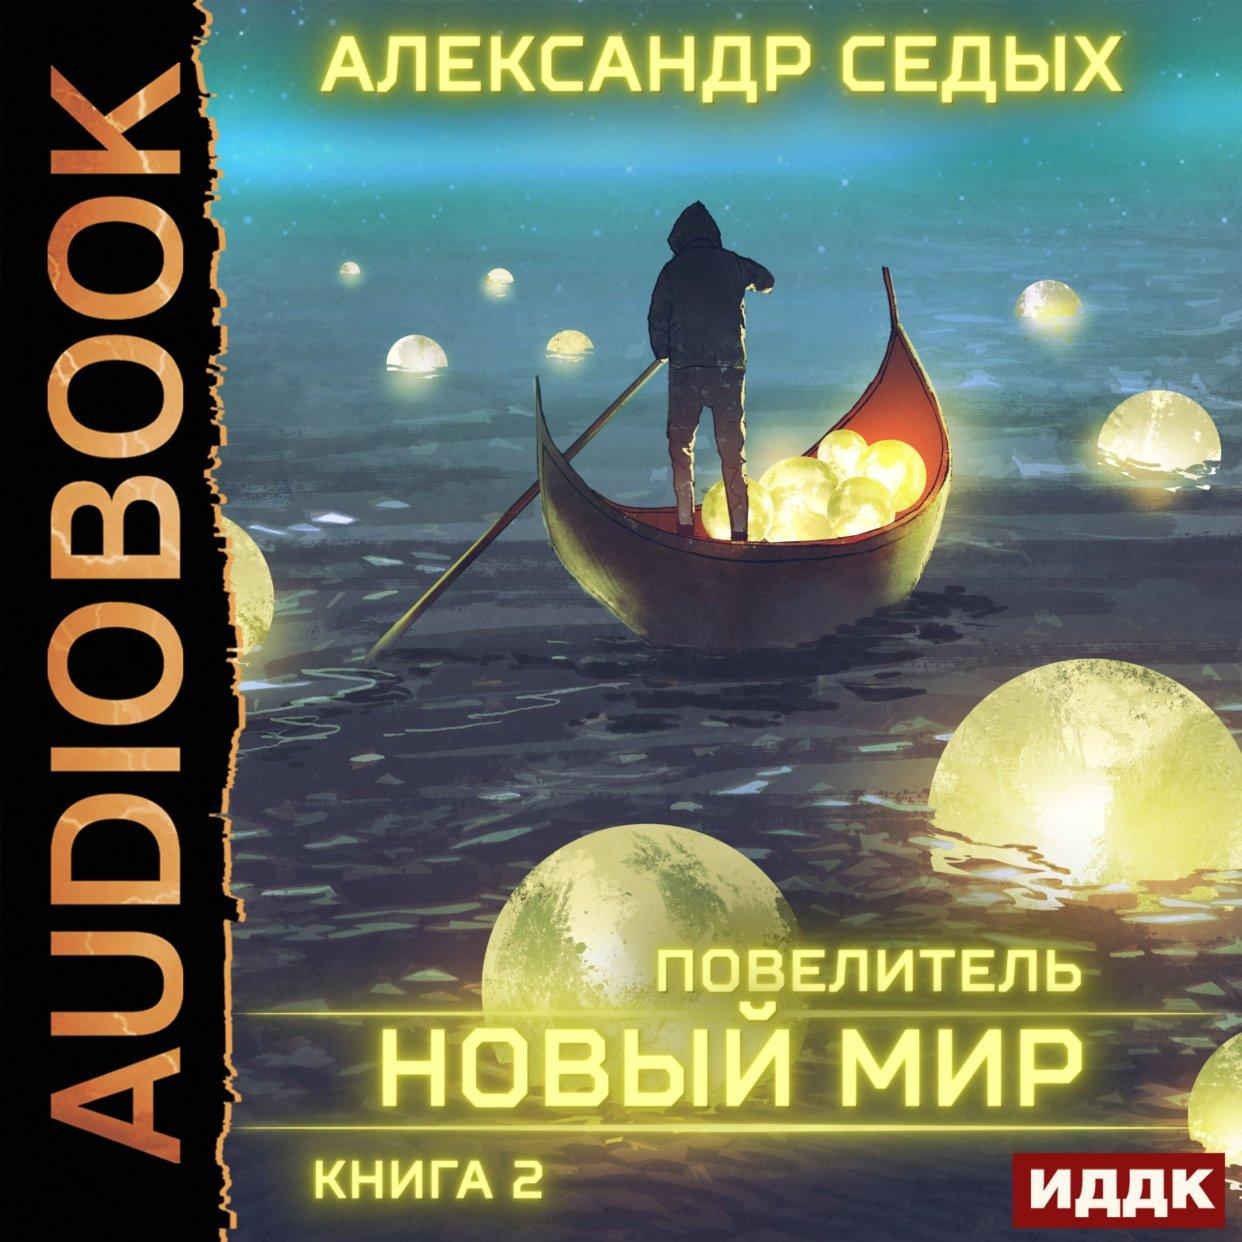 Повелитель. Книга 2. Новый мир